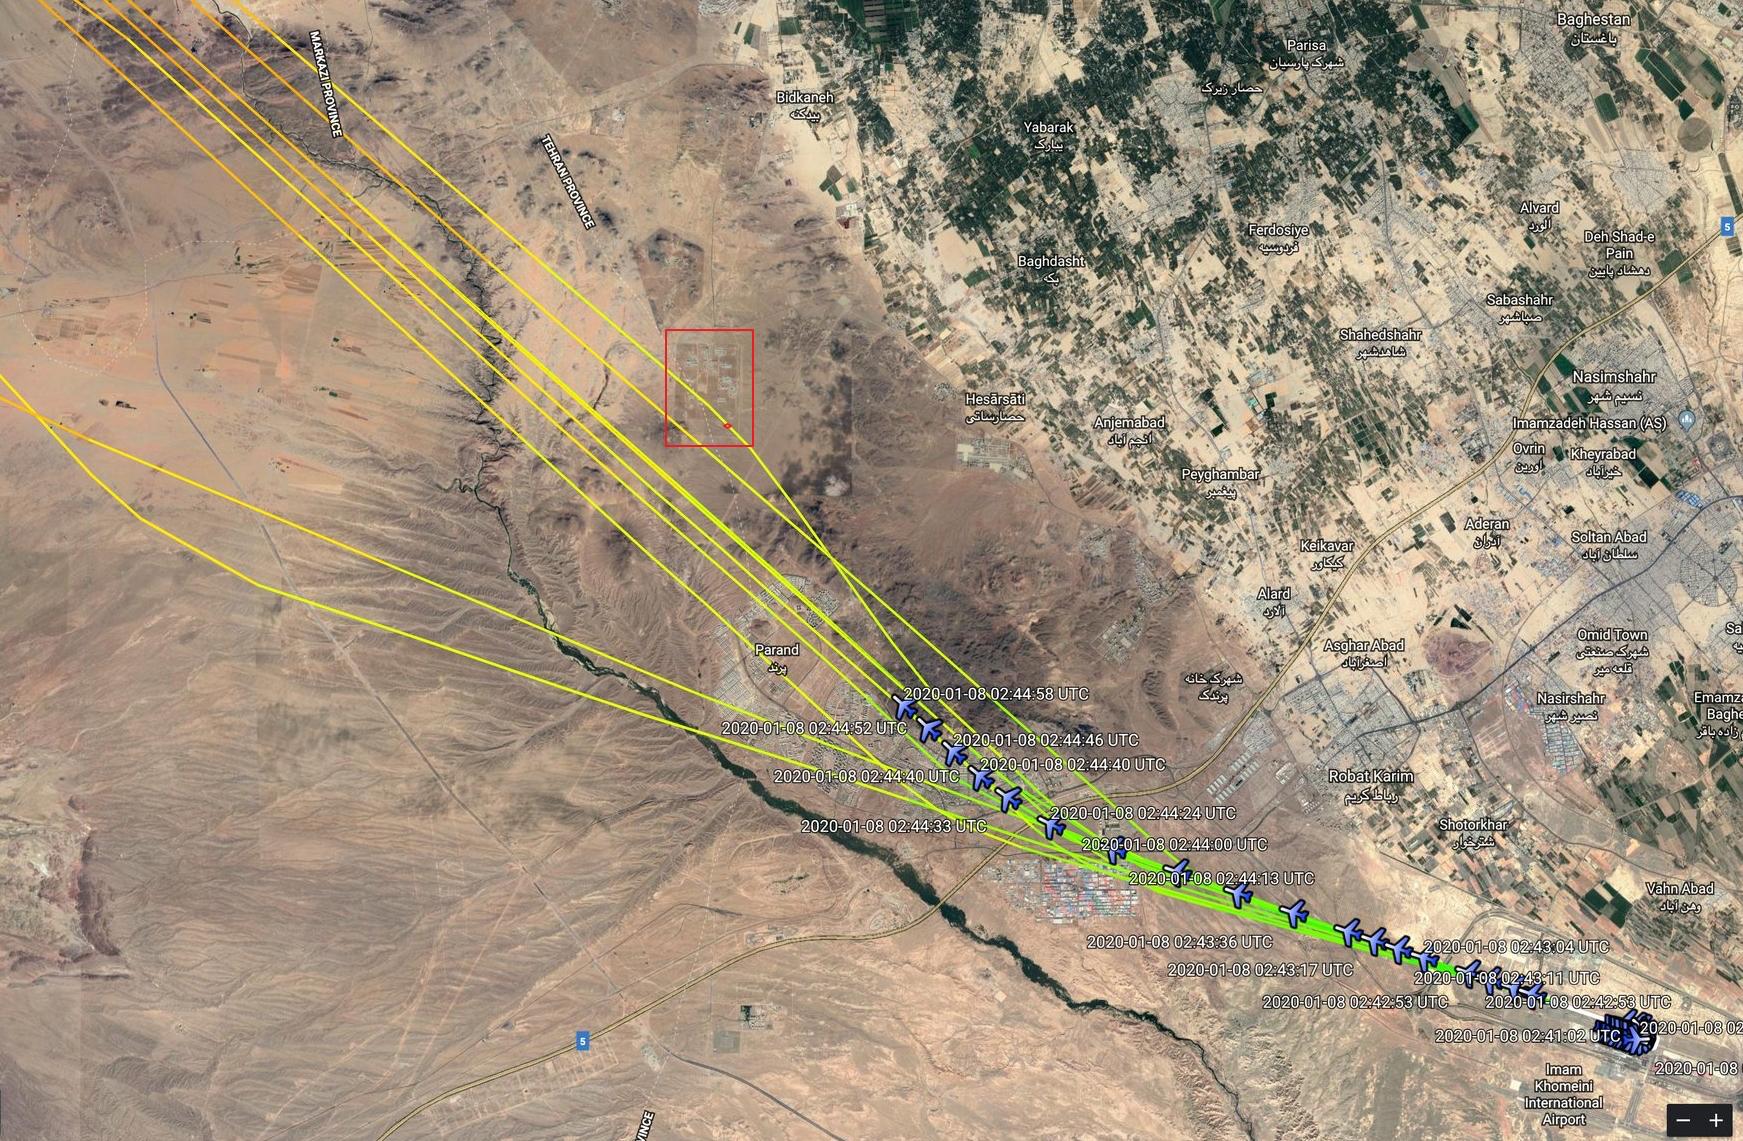 Ruta del Vuelo PS752 el 8 de enero en comparación con días anteriores